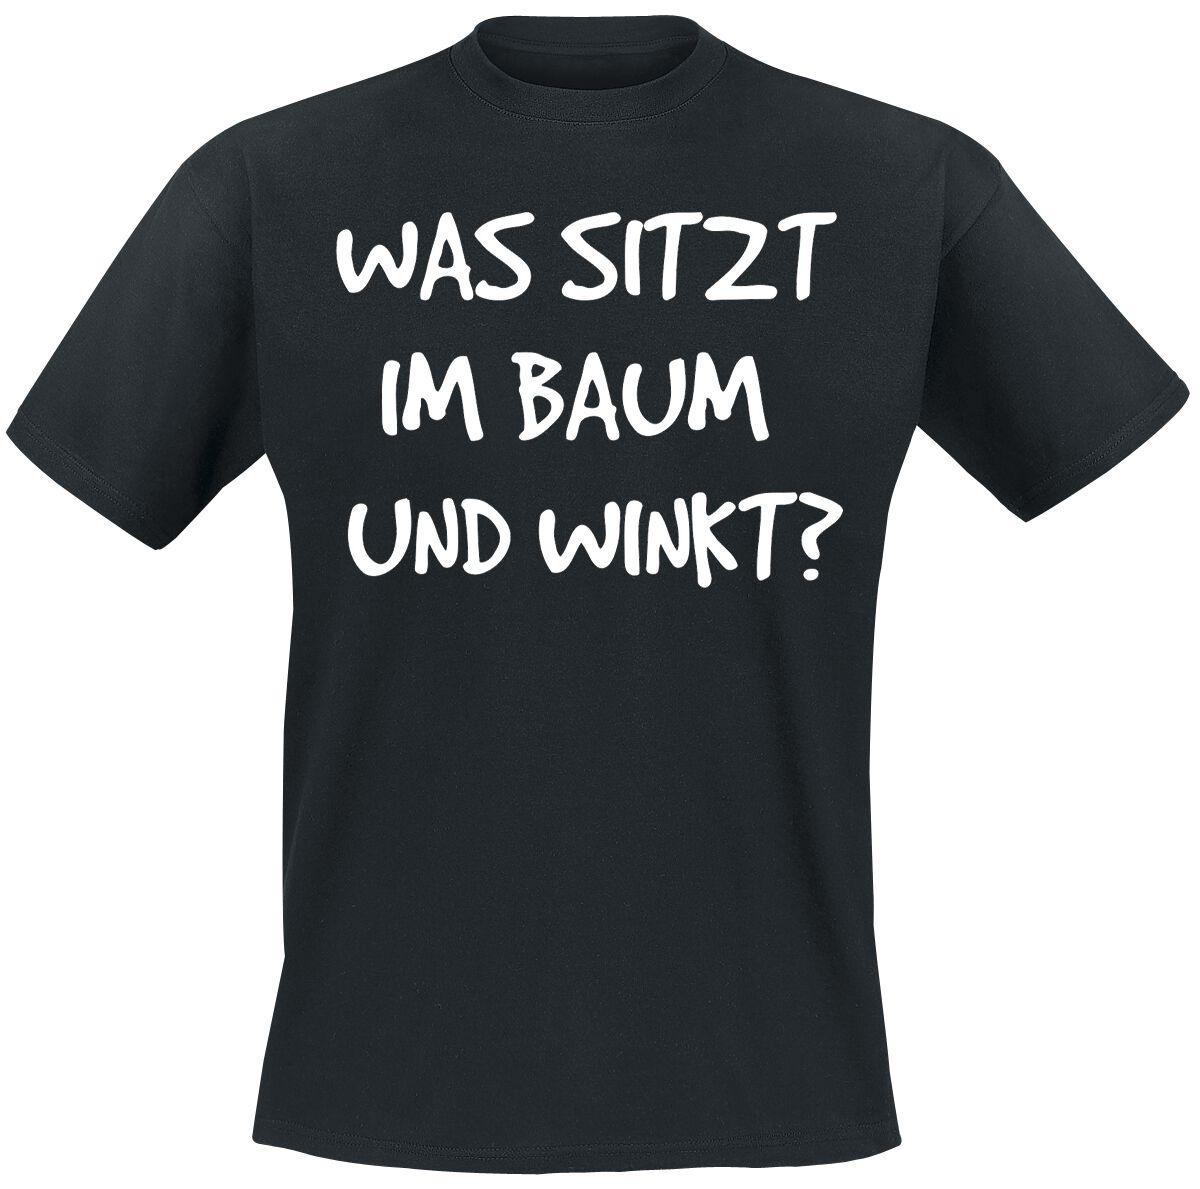 Die Baumschule Bruns in Bad Zwischenahn bietet Ihnen auf einer über 500.